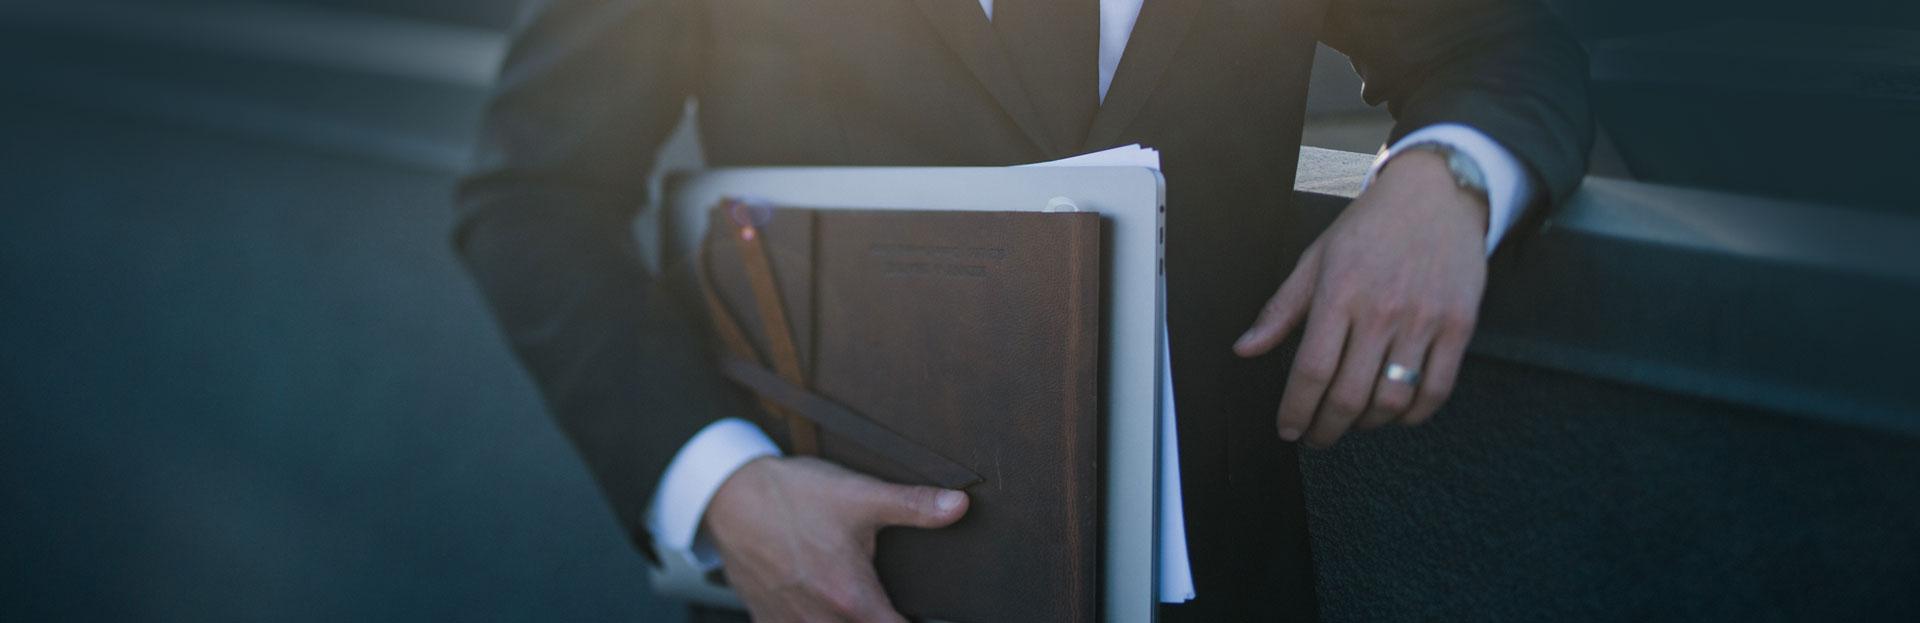 Entreprises : profitez du début de l'année 2021 pour recruter en alternance !